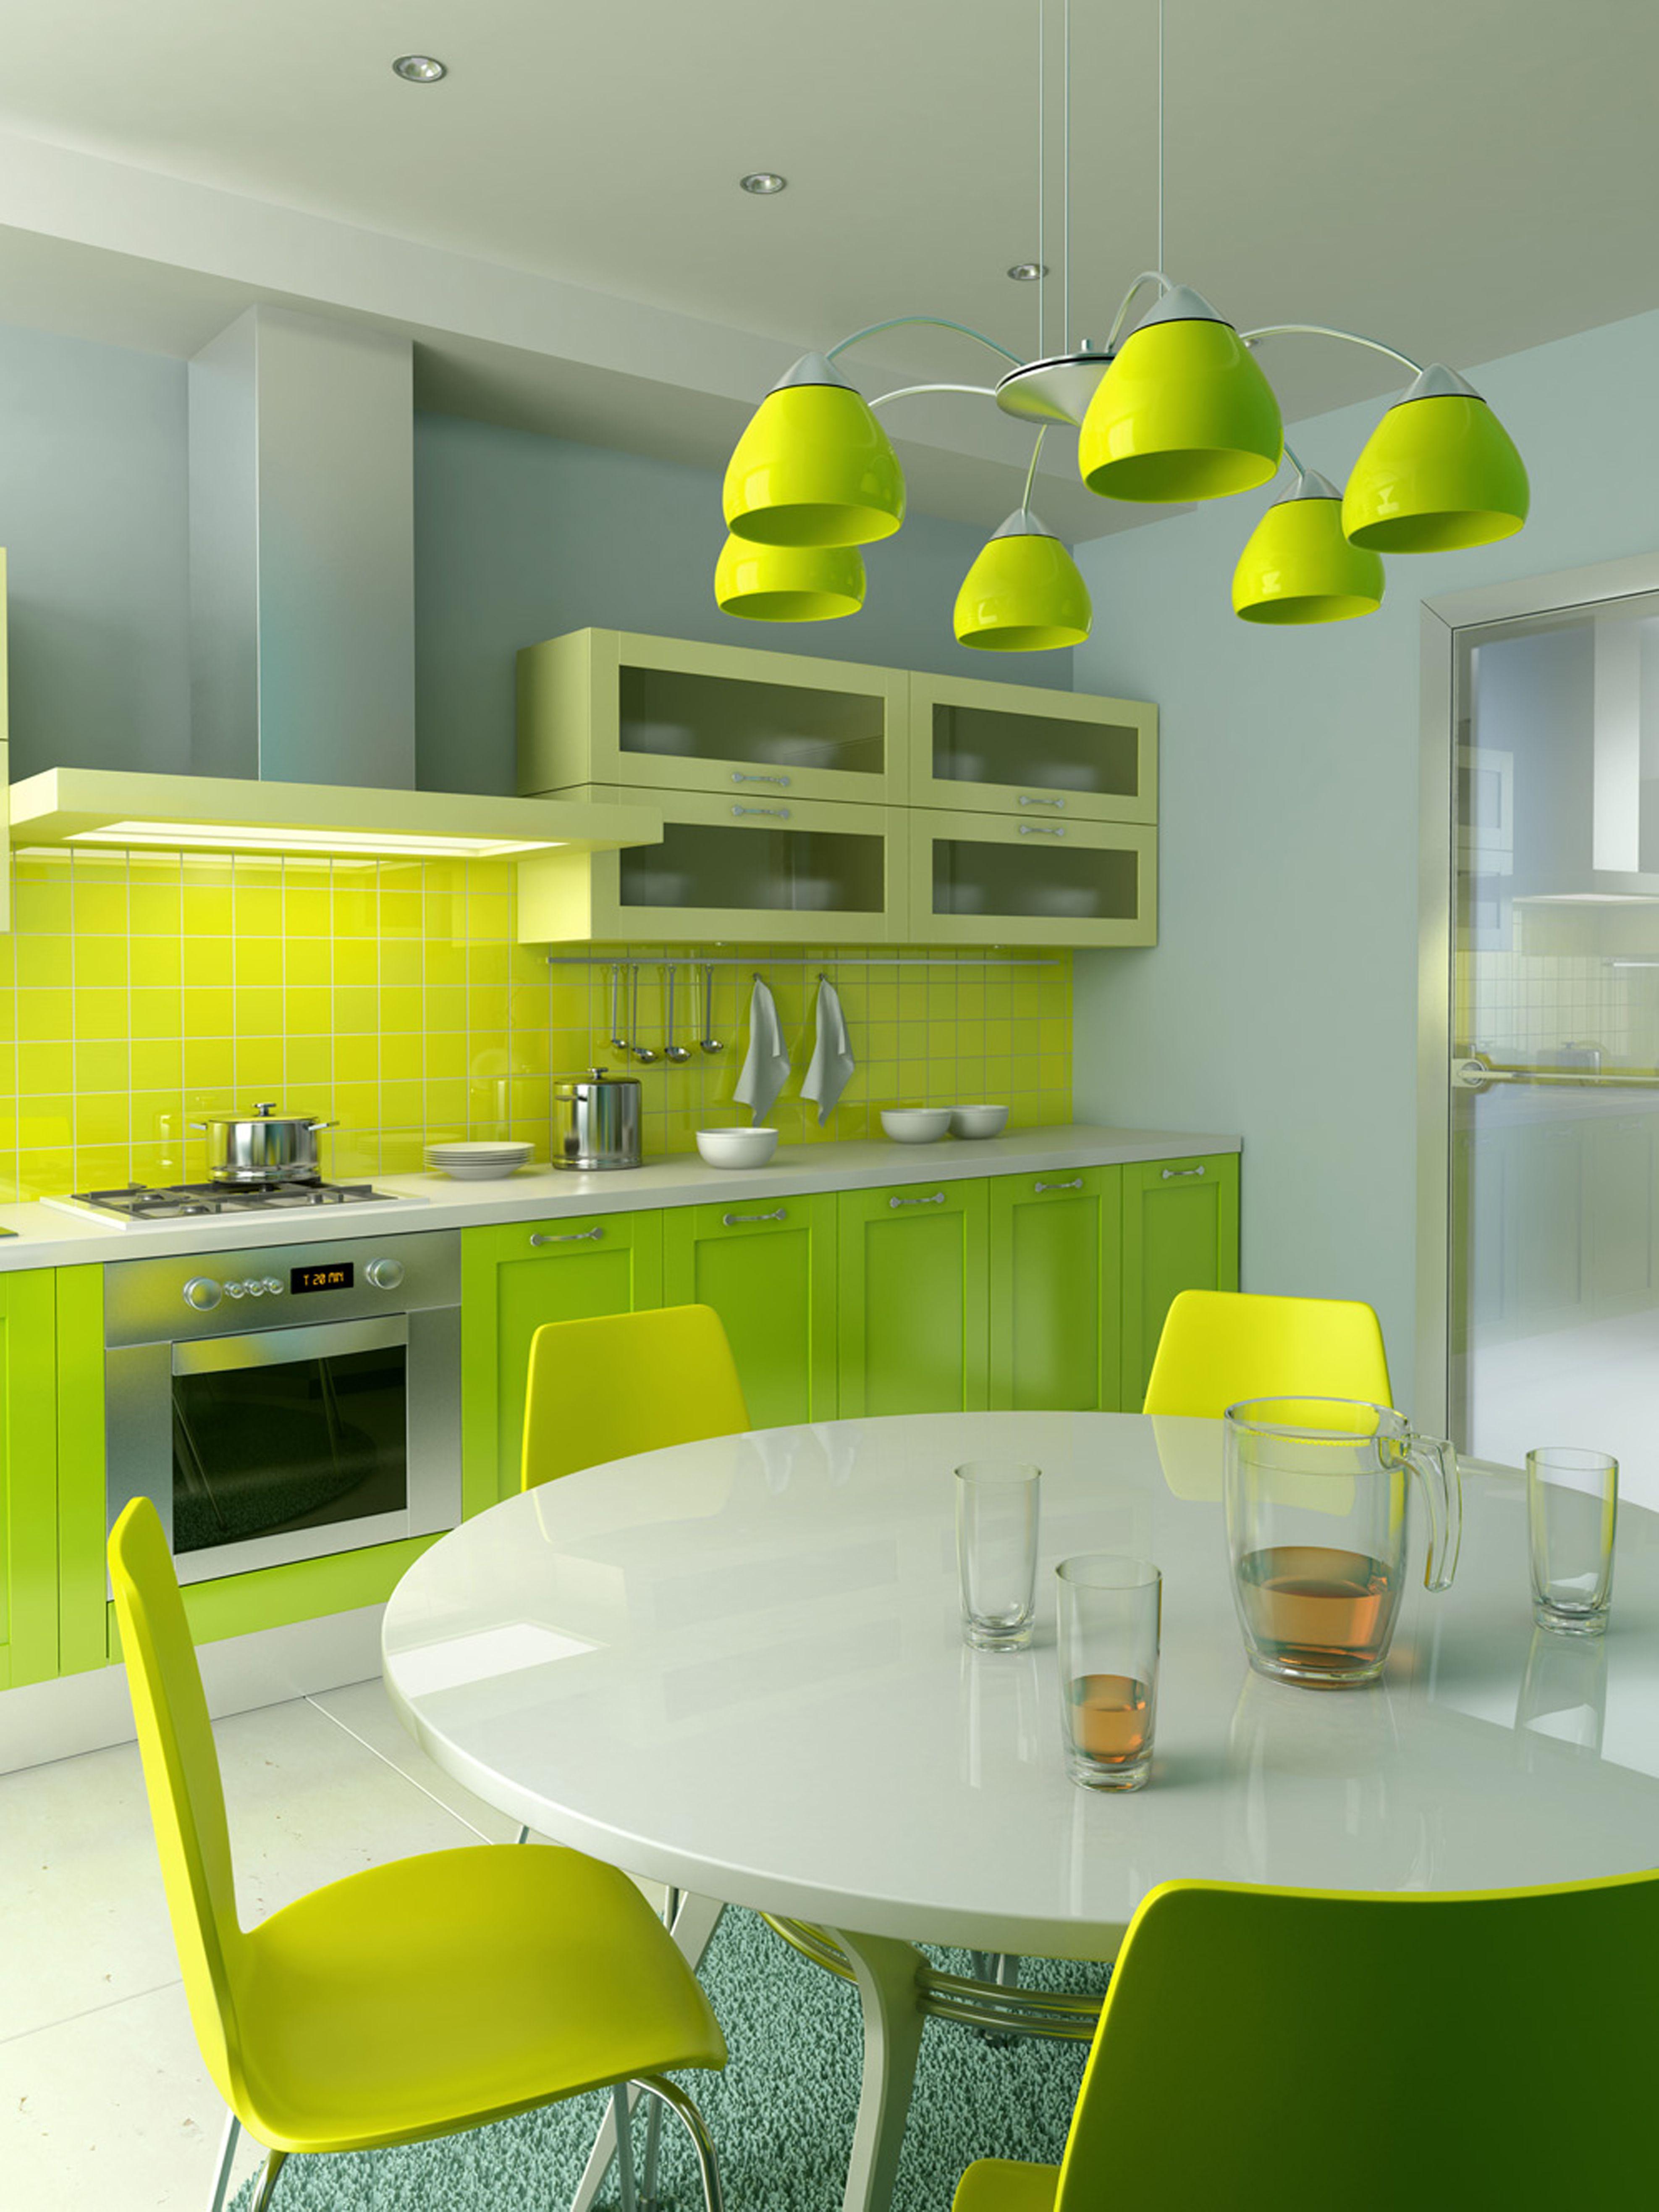 Famoso Gwa Baños Y Cocinas Melbourne Imagen - Ideas Del Gabinete de ...